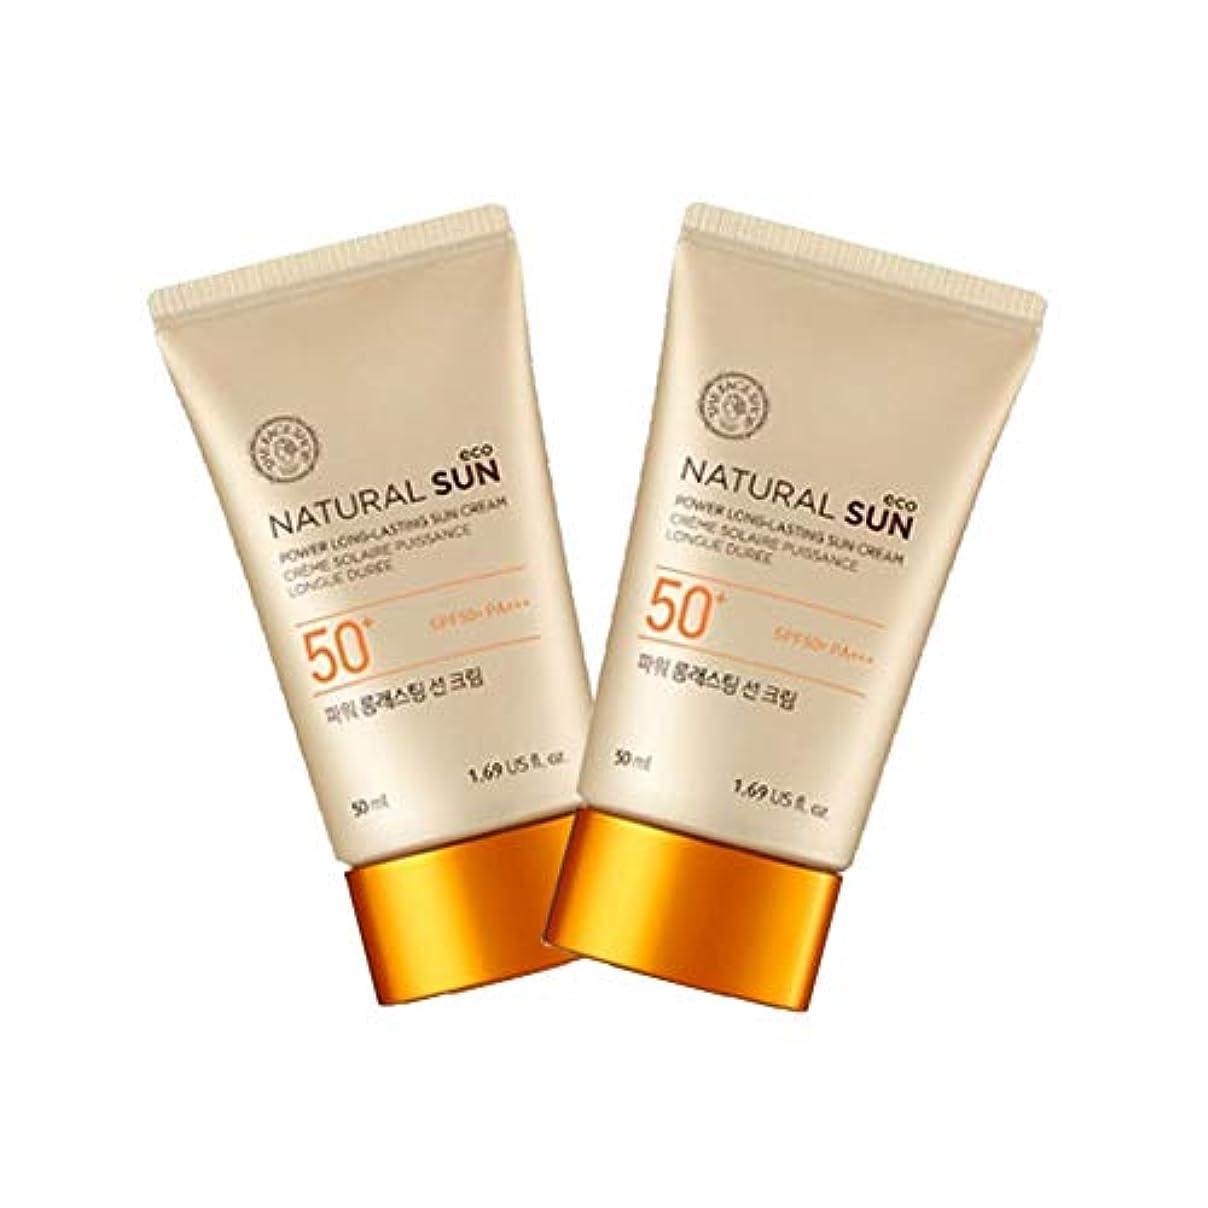 予想外お別れ一貫したザ?フェイスショップナチュラルサンエコパワーロングラスティングサンクリーム50mlx2本セット韓国コスメ、The Face Shop Natural Sun Eco Power Long Lasting Sun Cream 50ml x 2ea Set Korean Cosmetics [並行輸入品]